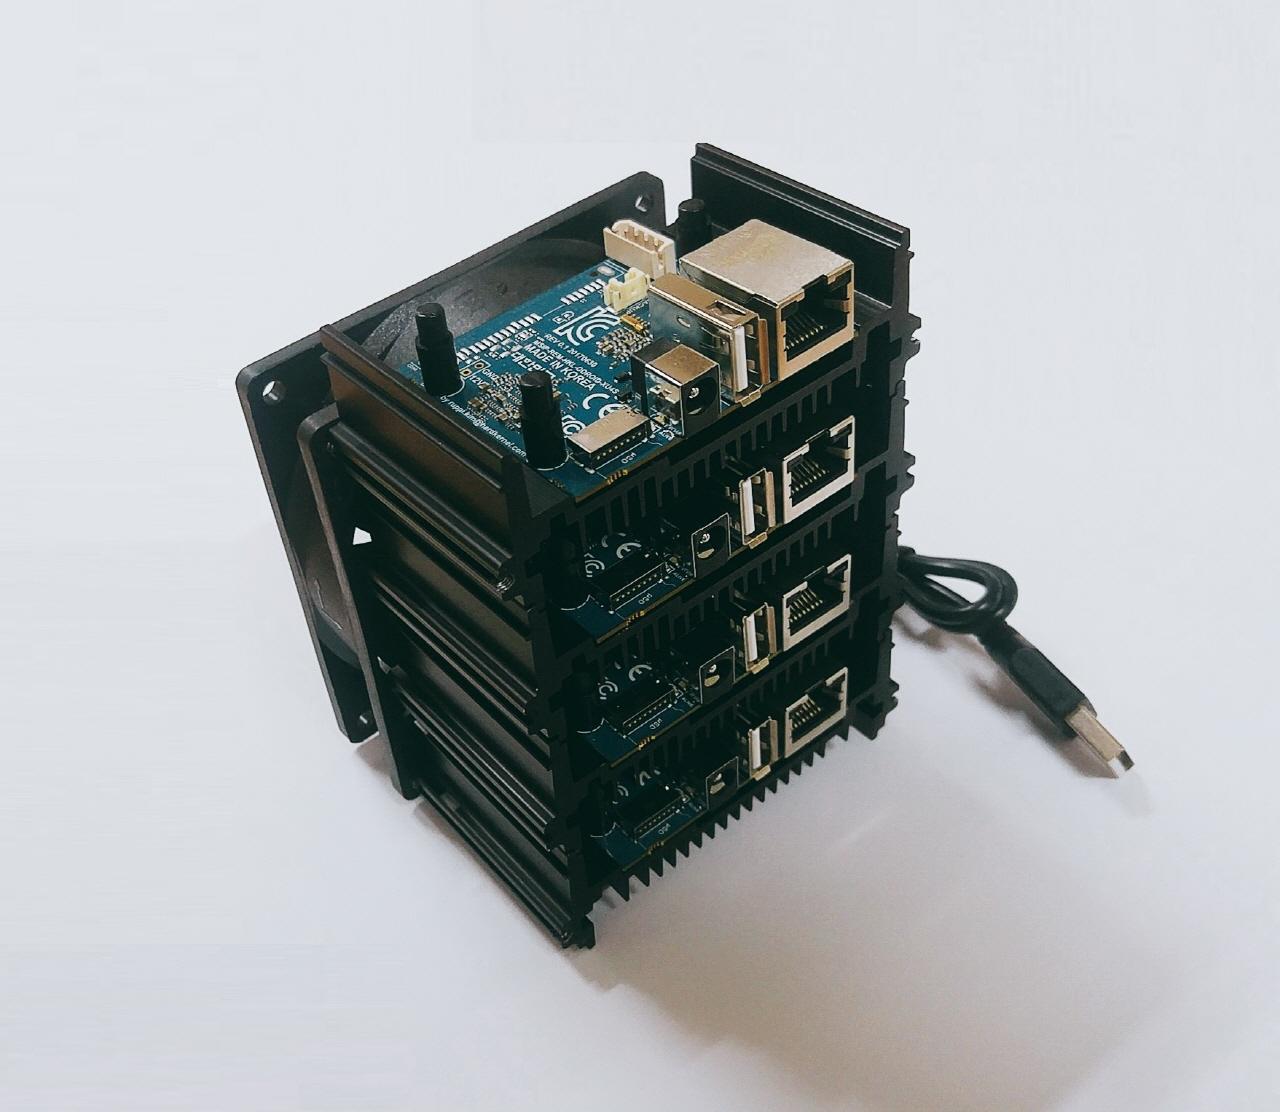 Odroid HC-1: Bastelrechner besser stapeln im NAS - Odroid MC1 (Bild: Hardkernel)